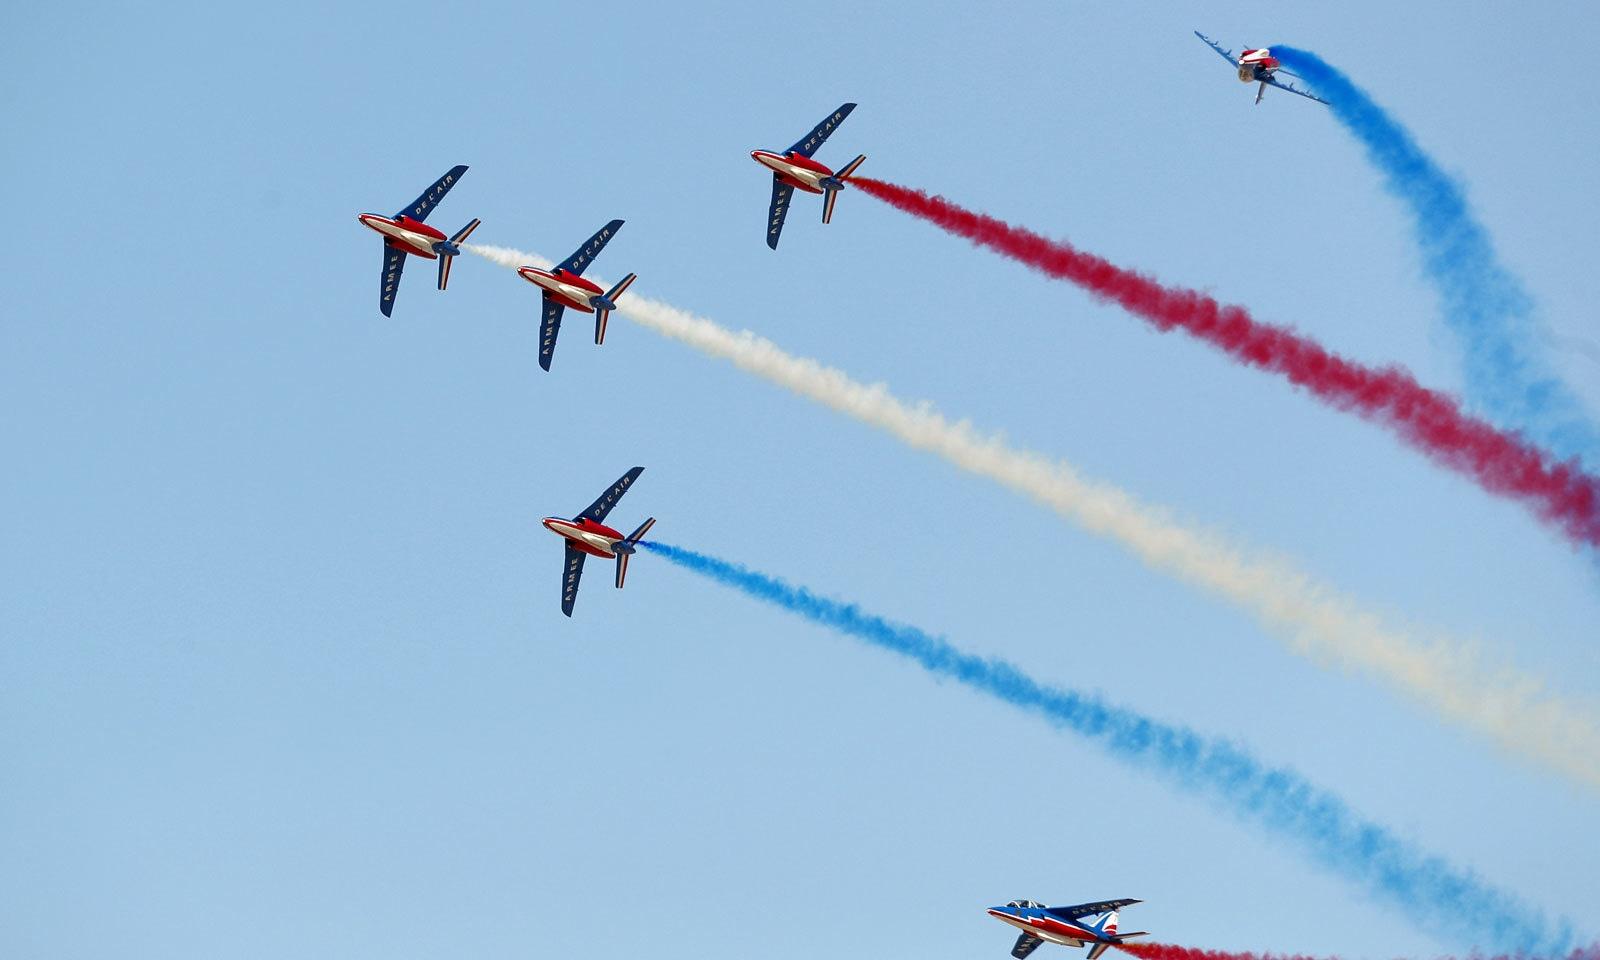 ایئر شو میں فرانسیسی جہاز بھی حصہ لے رہے ہیں — فوٹو: رائٹرز